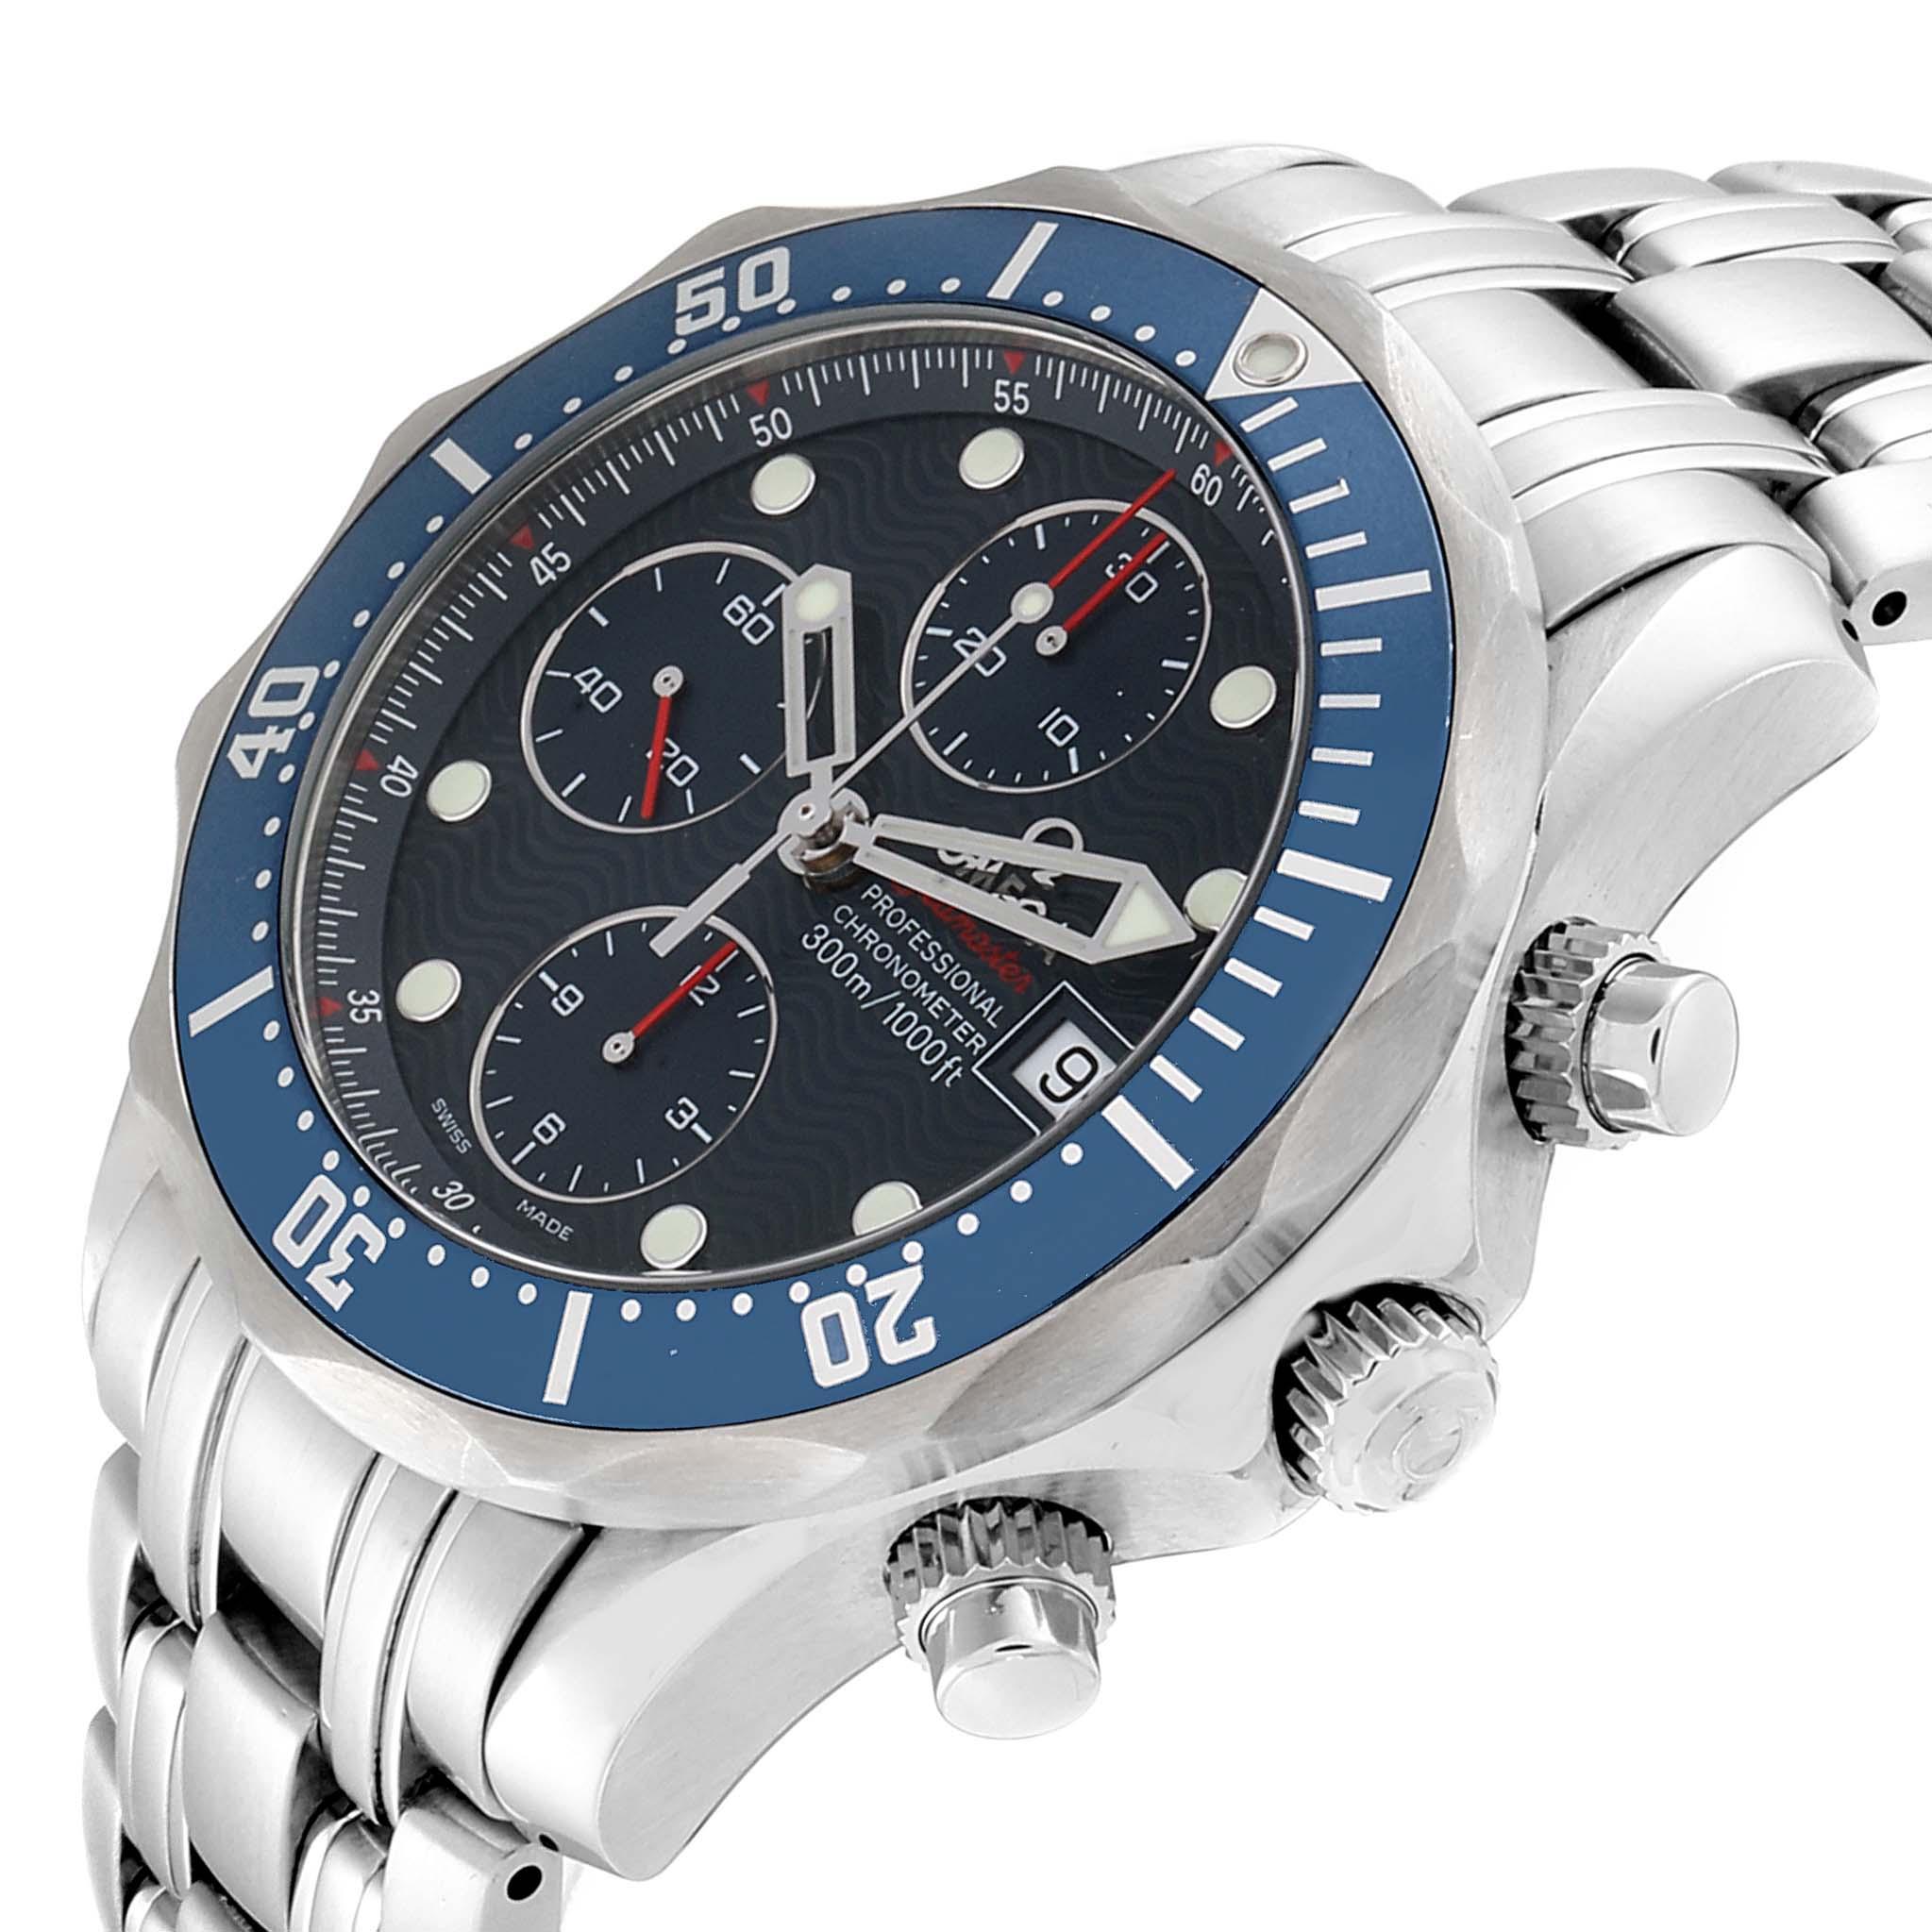 Omega Seamaster 300m Chronograph Automatic 41.5 mm Watch 2225.80.00 SwissWatchExpo